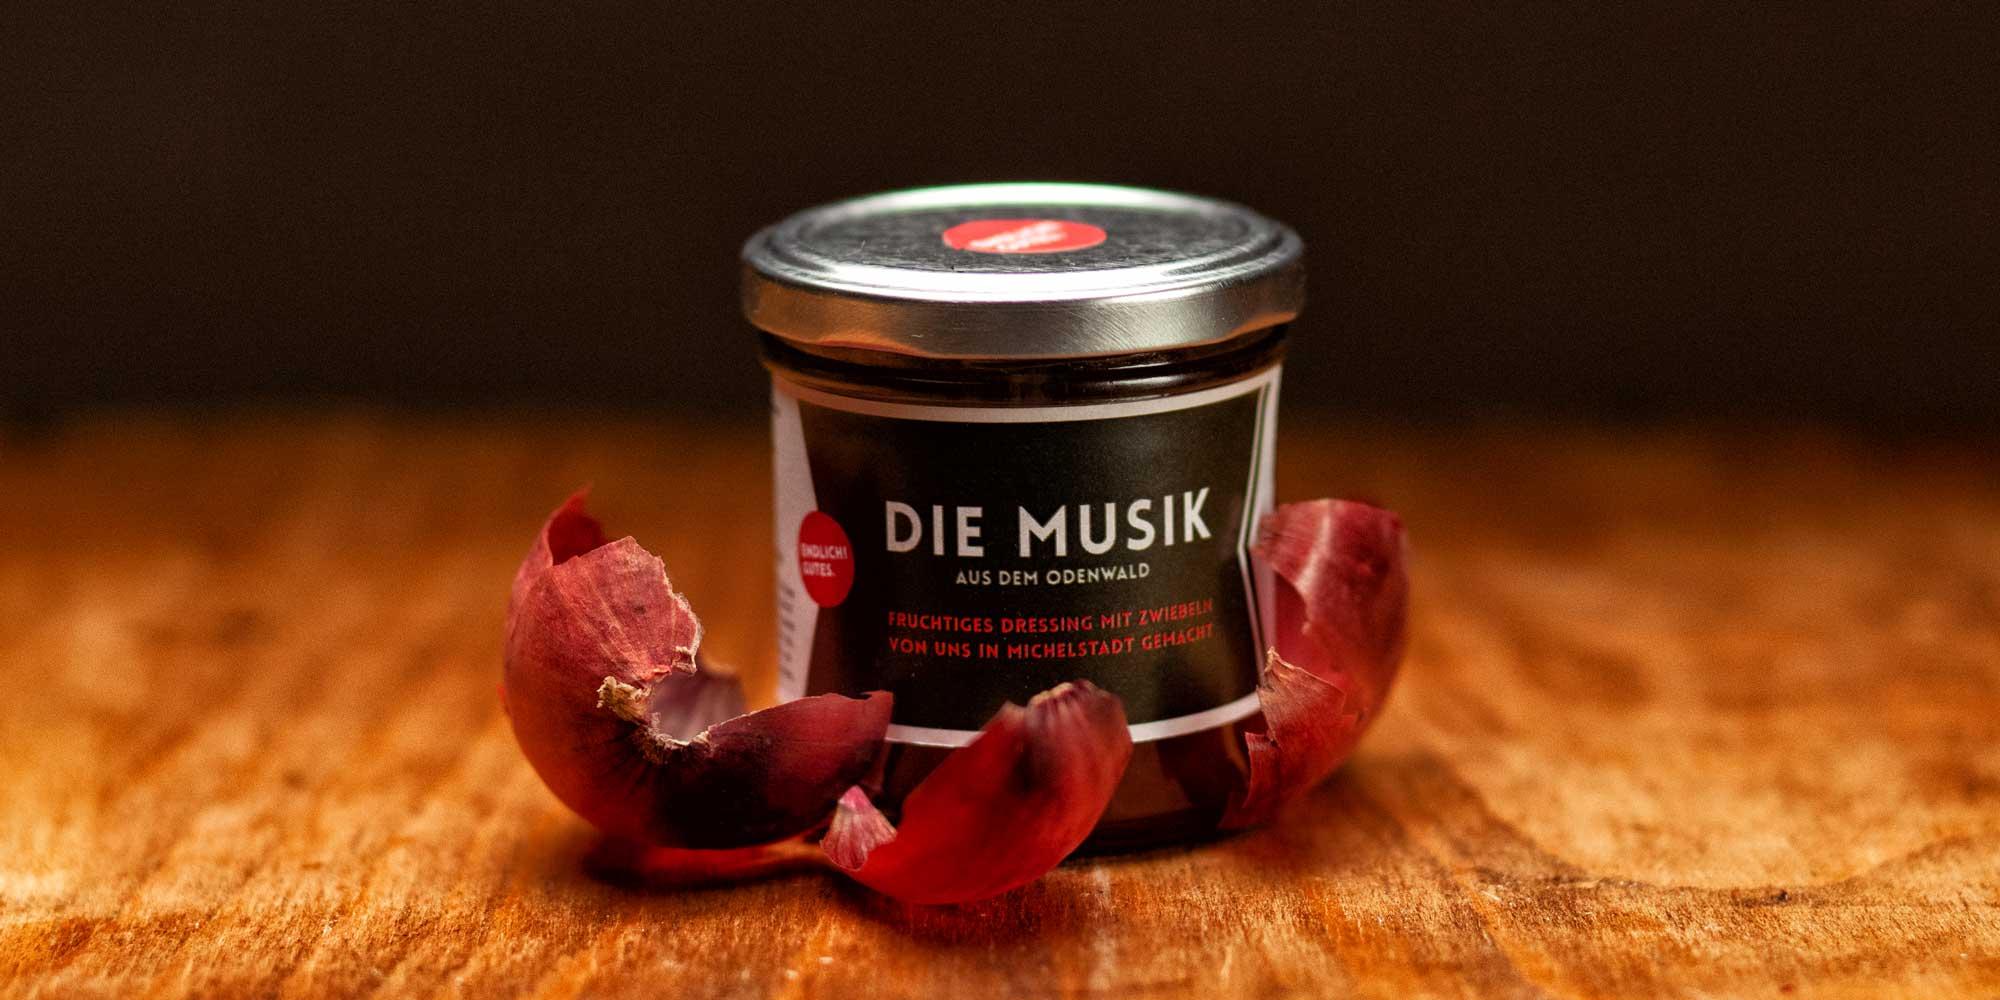 Die Musik zum Kochkäs' aus dem Odenwald von Endlich! Gutes.